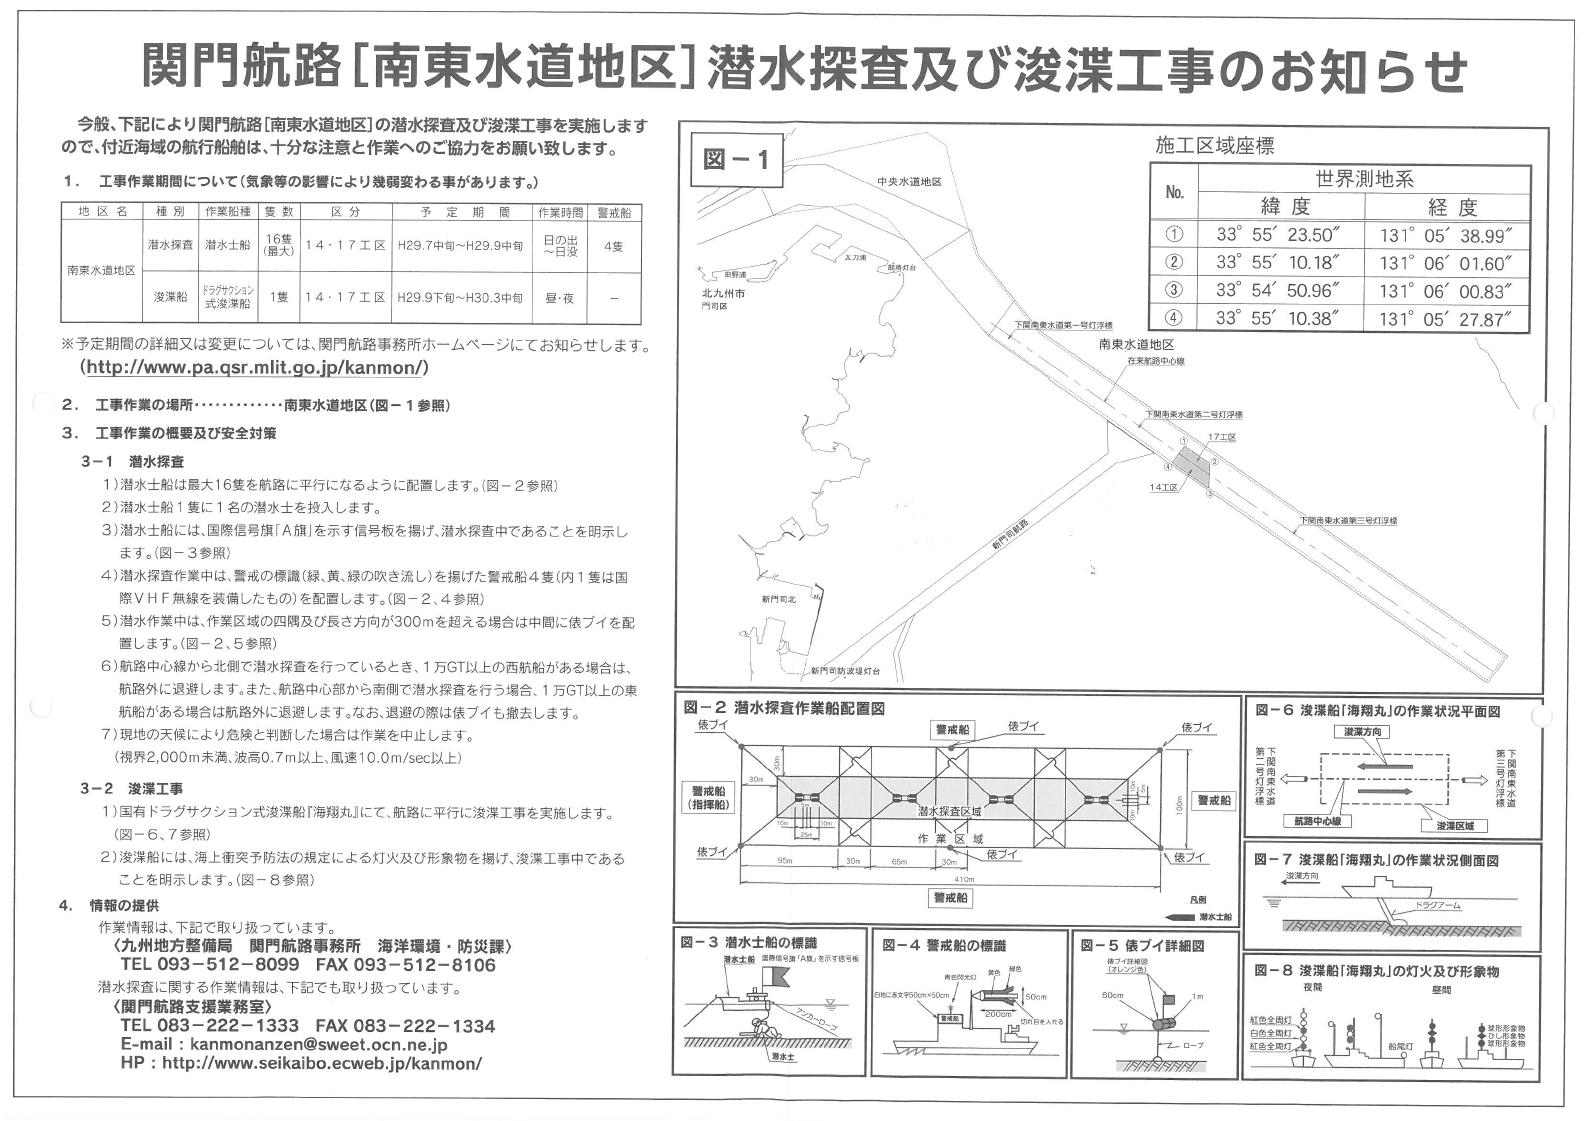 関門航路[南東水道地区]における浚渫工事等のお知らせ.pdf_page_3